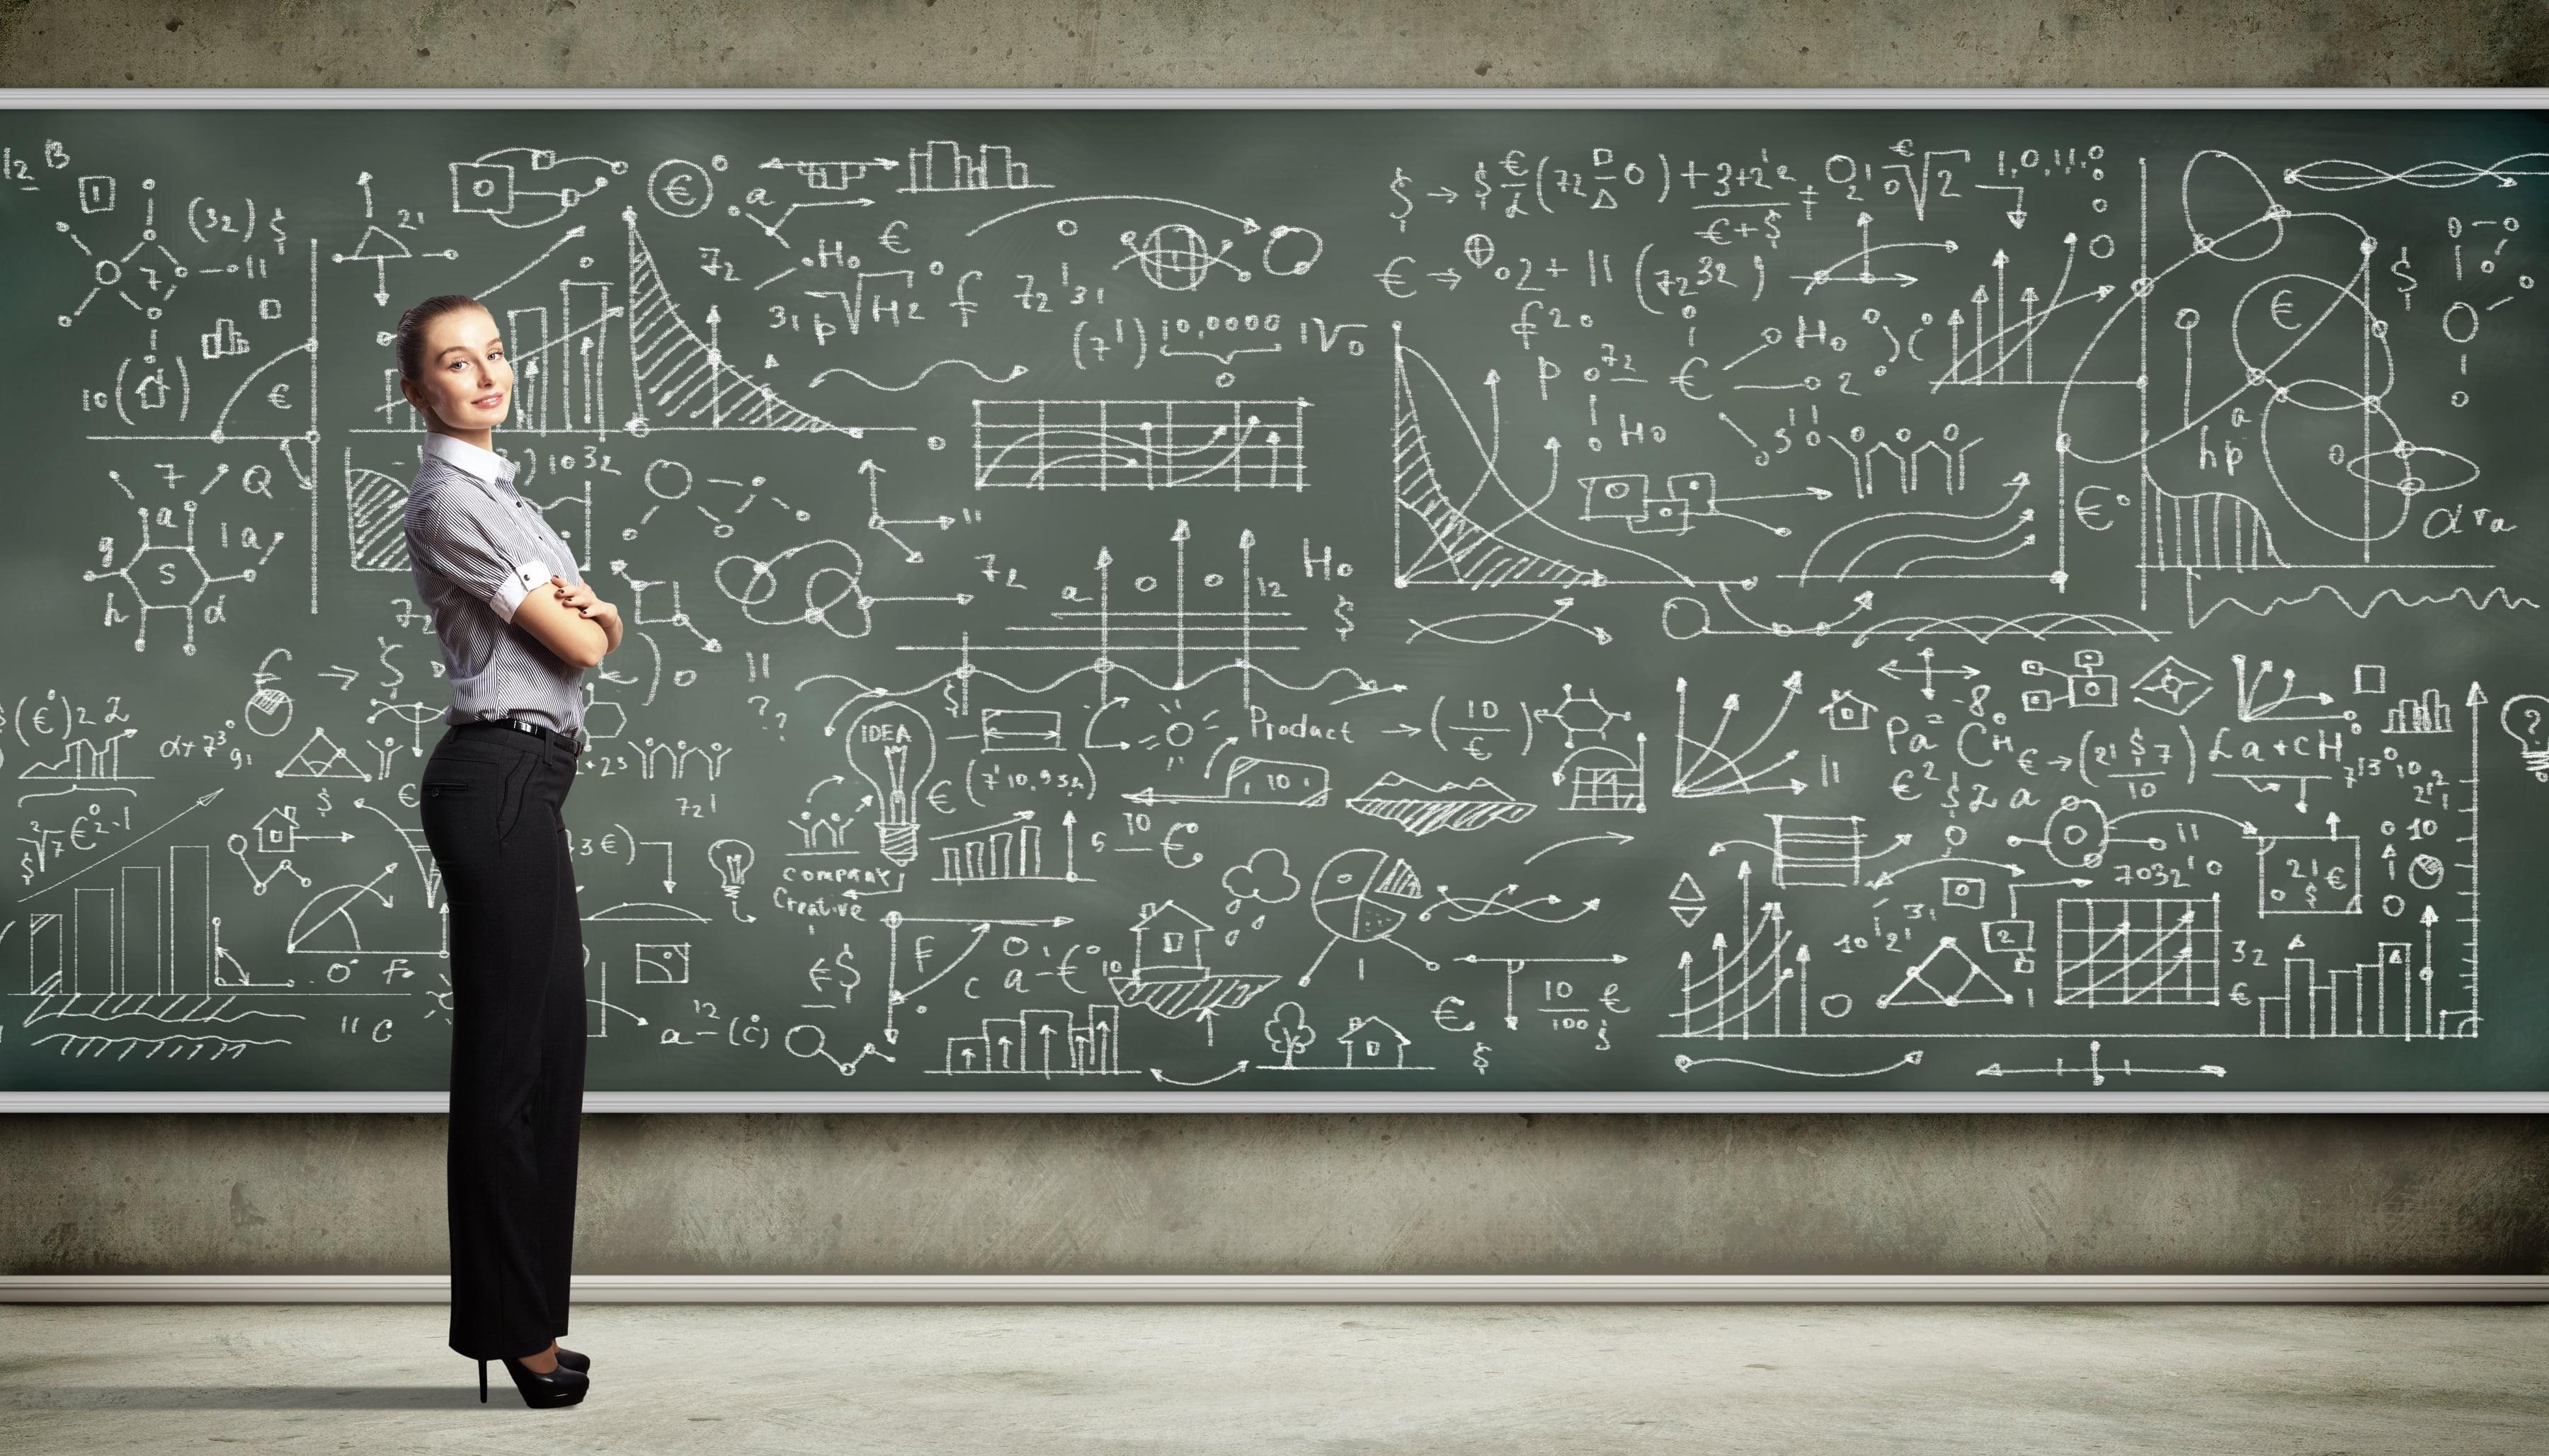 зачем картинки с математическими формулами и графиками того